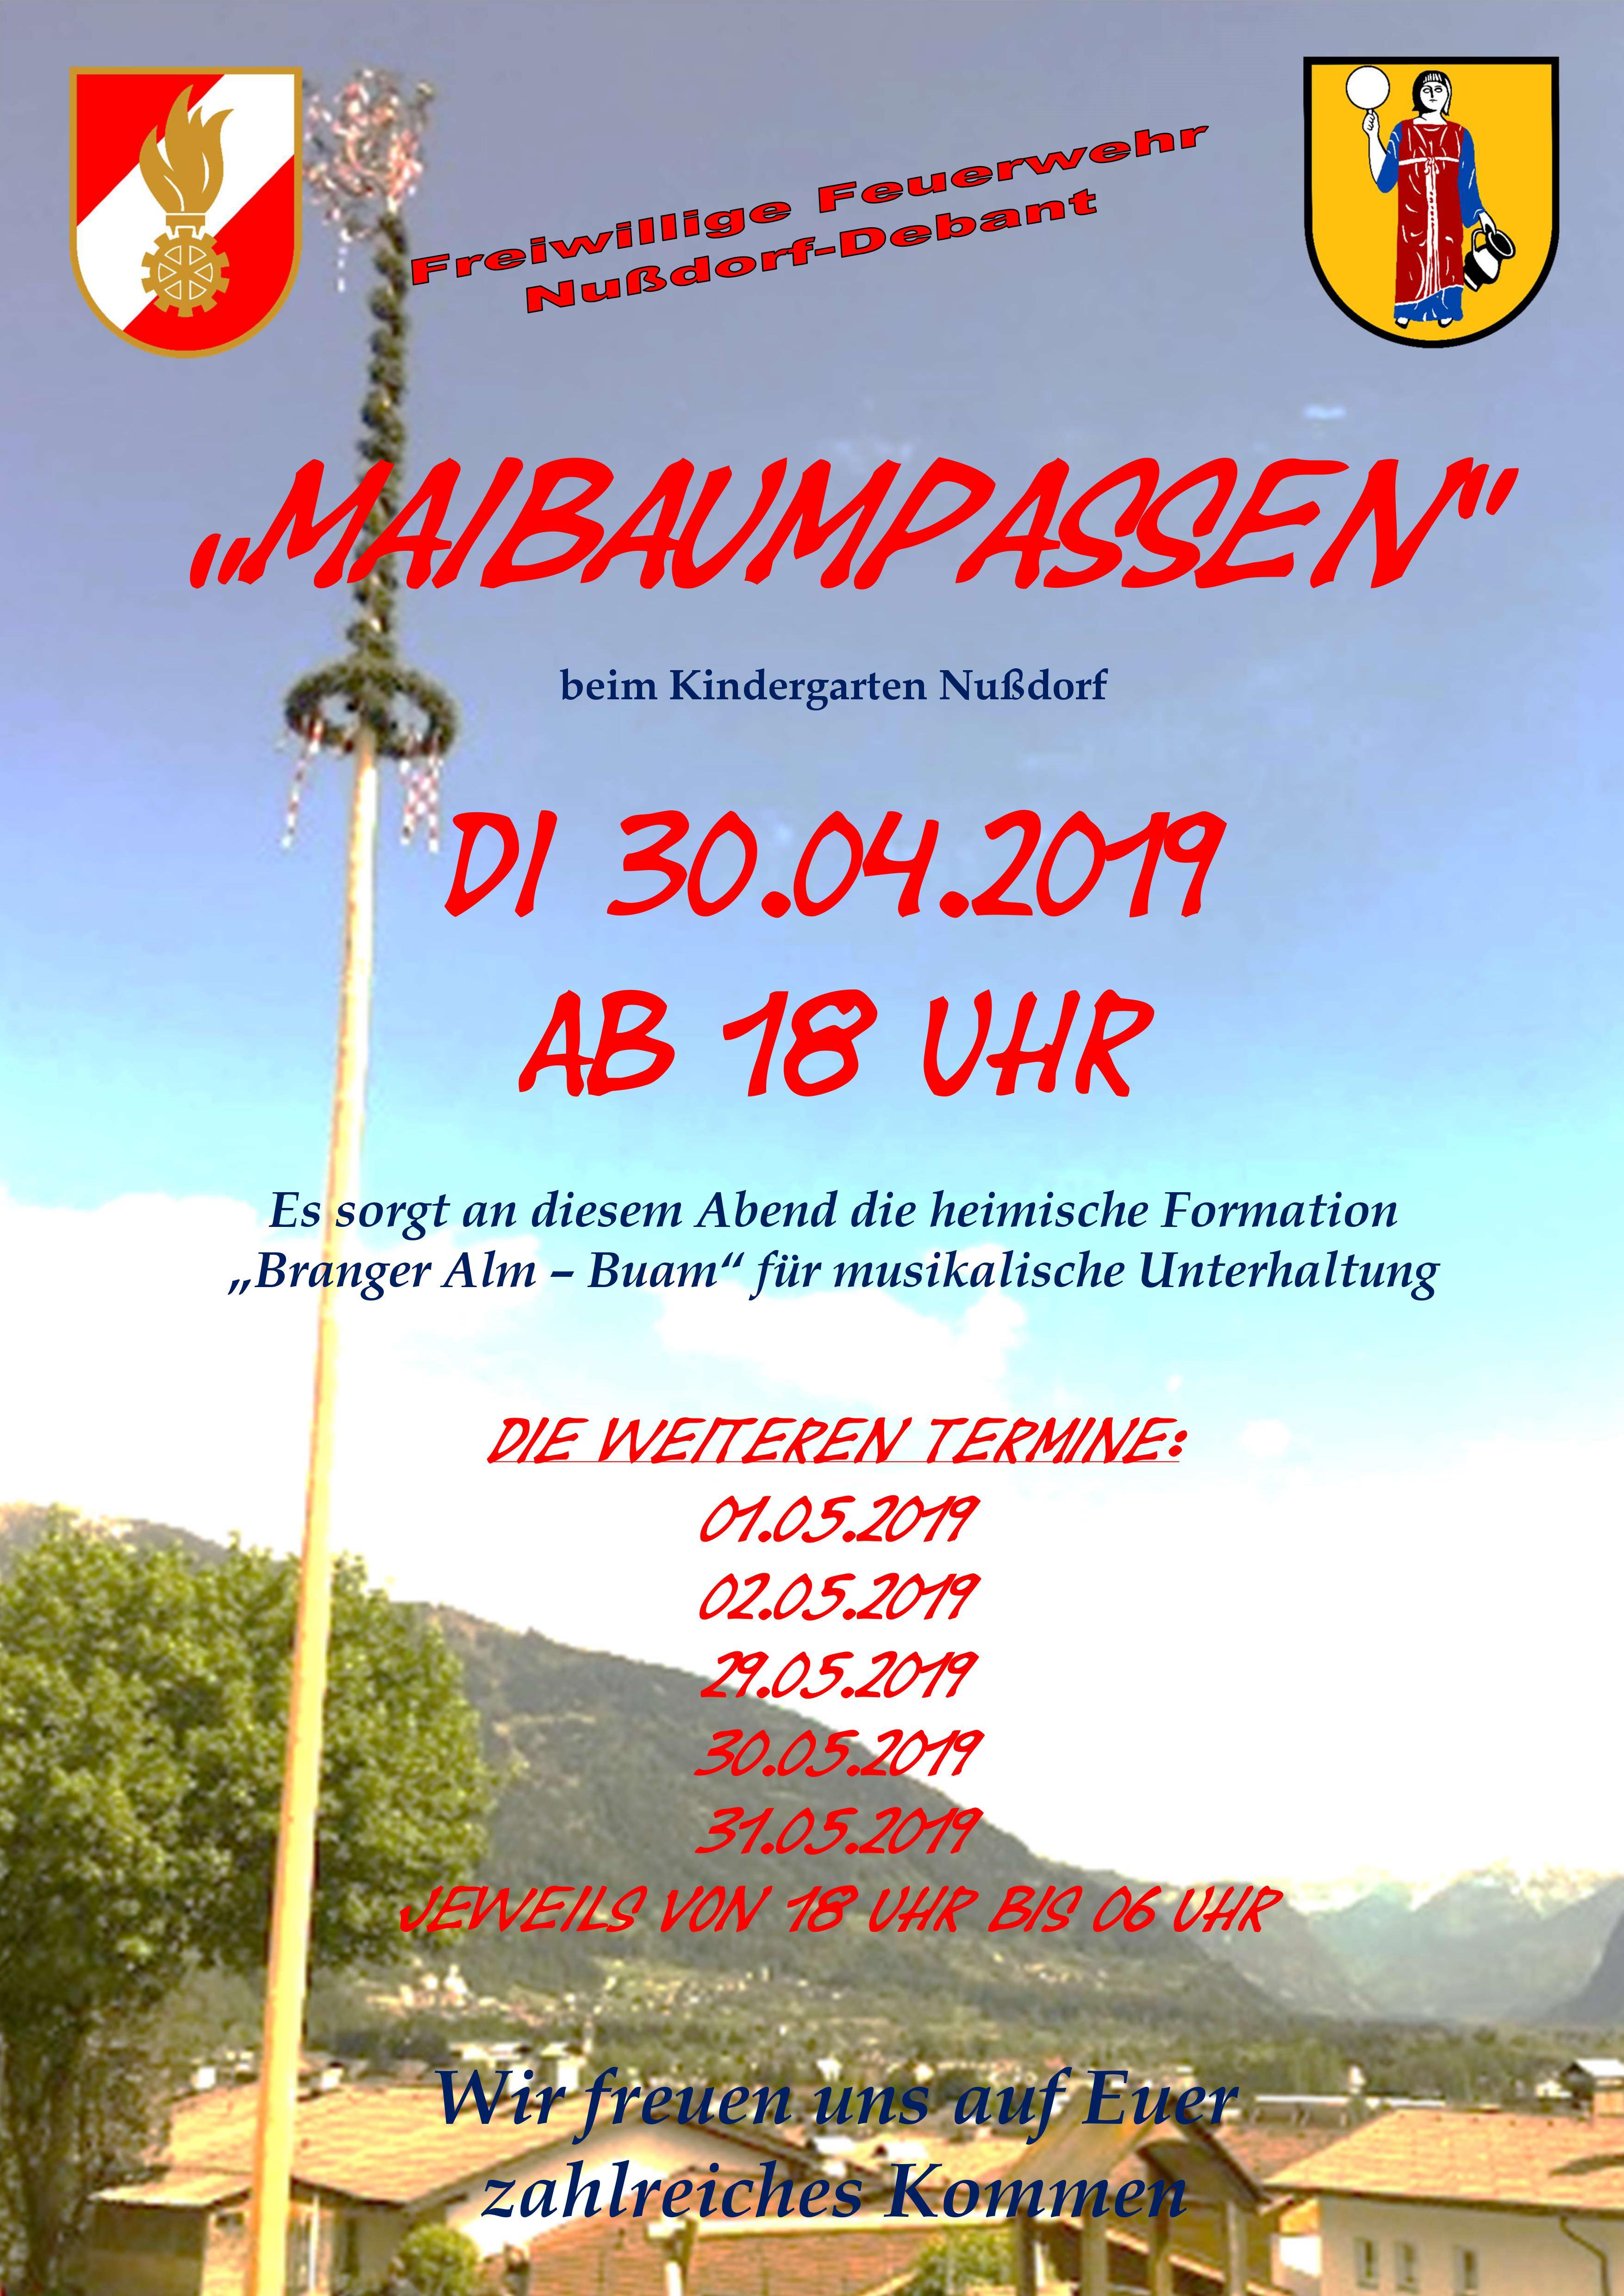 Tischziagn beim Haidenberger Feld Nussdorf/Debant - YouTube